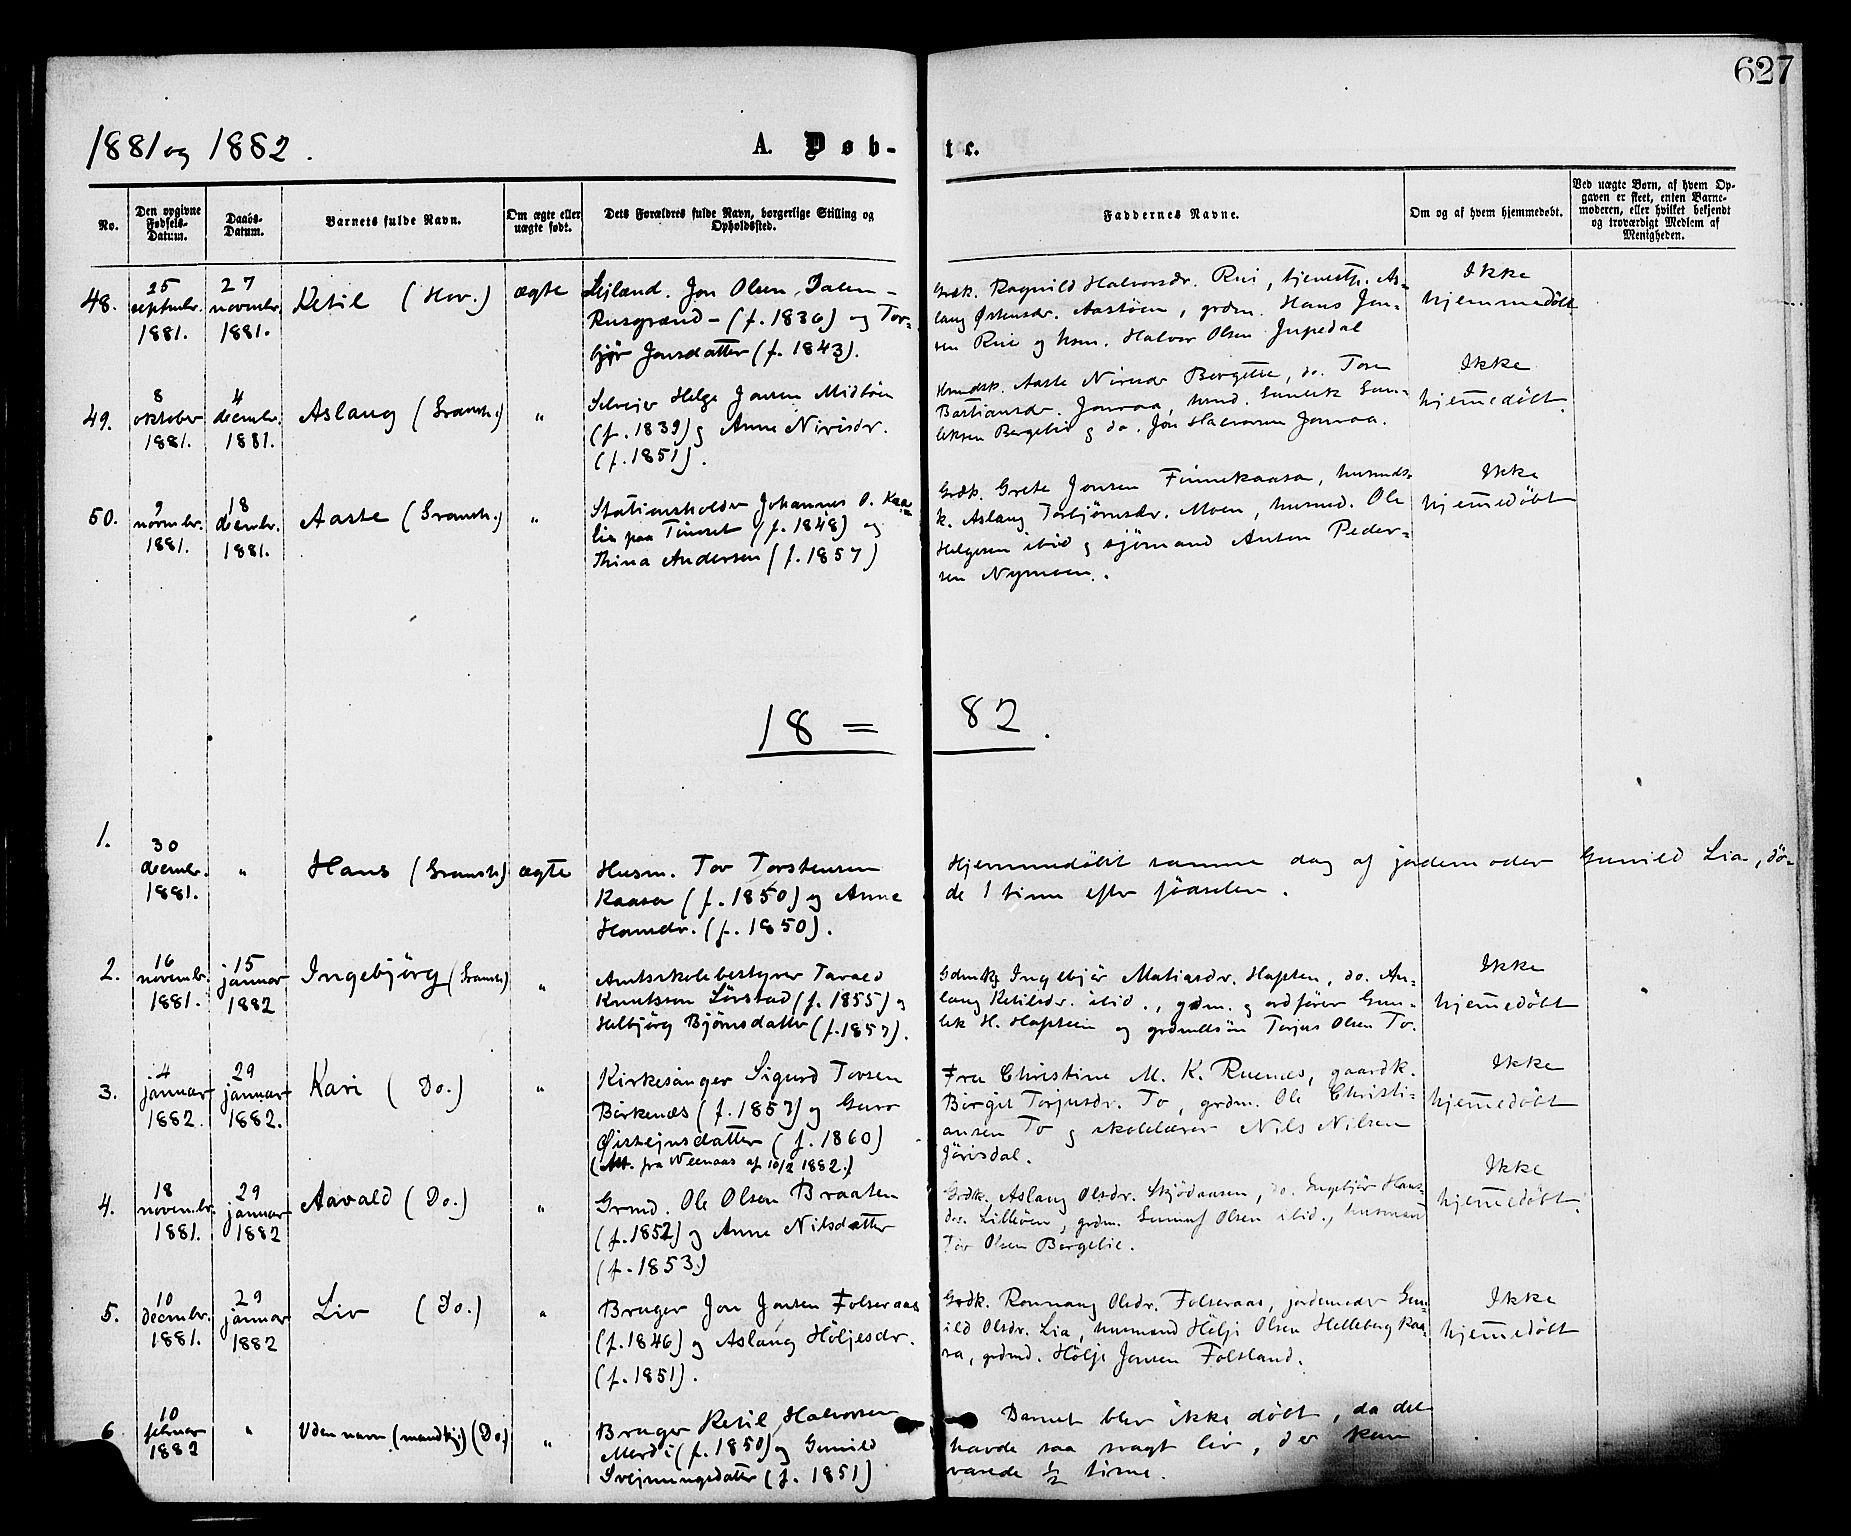 SAKO, Gransherad kirkebøker, F/Fa/L0004: Ministerialbok nr. I 4, 1871-1886, s. 62